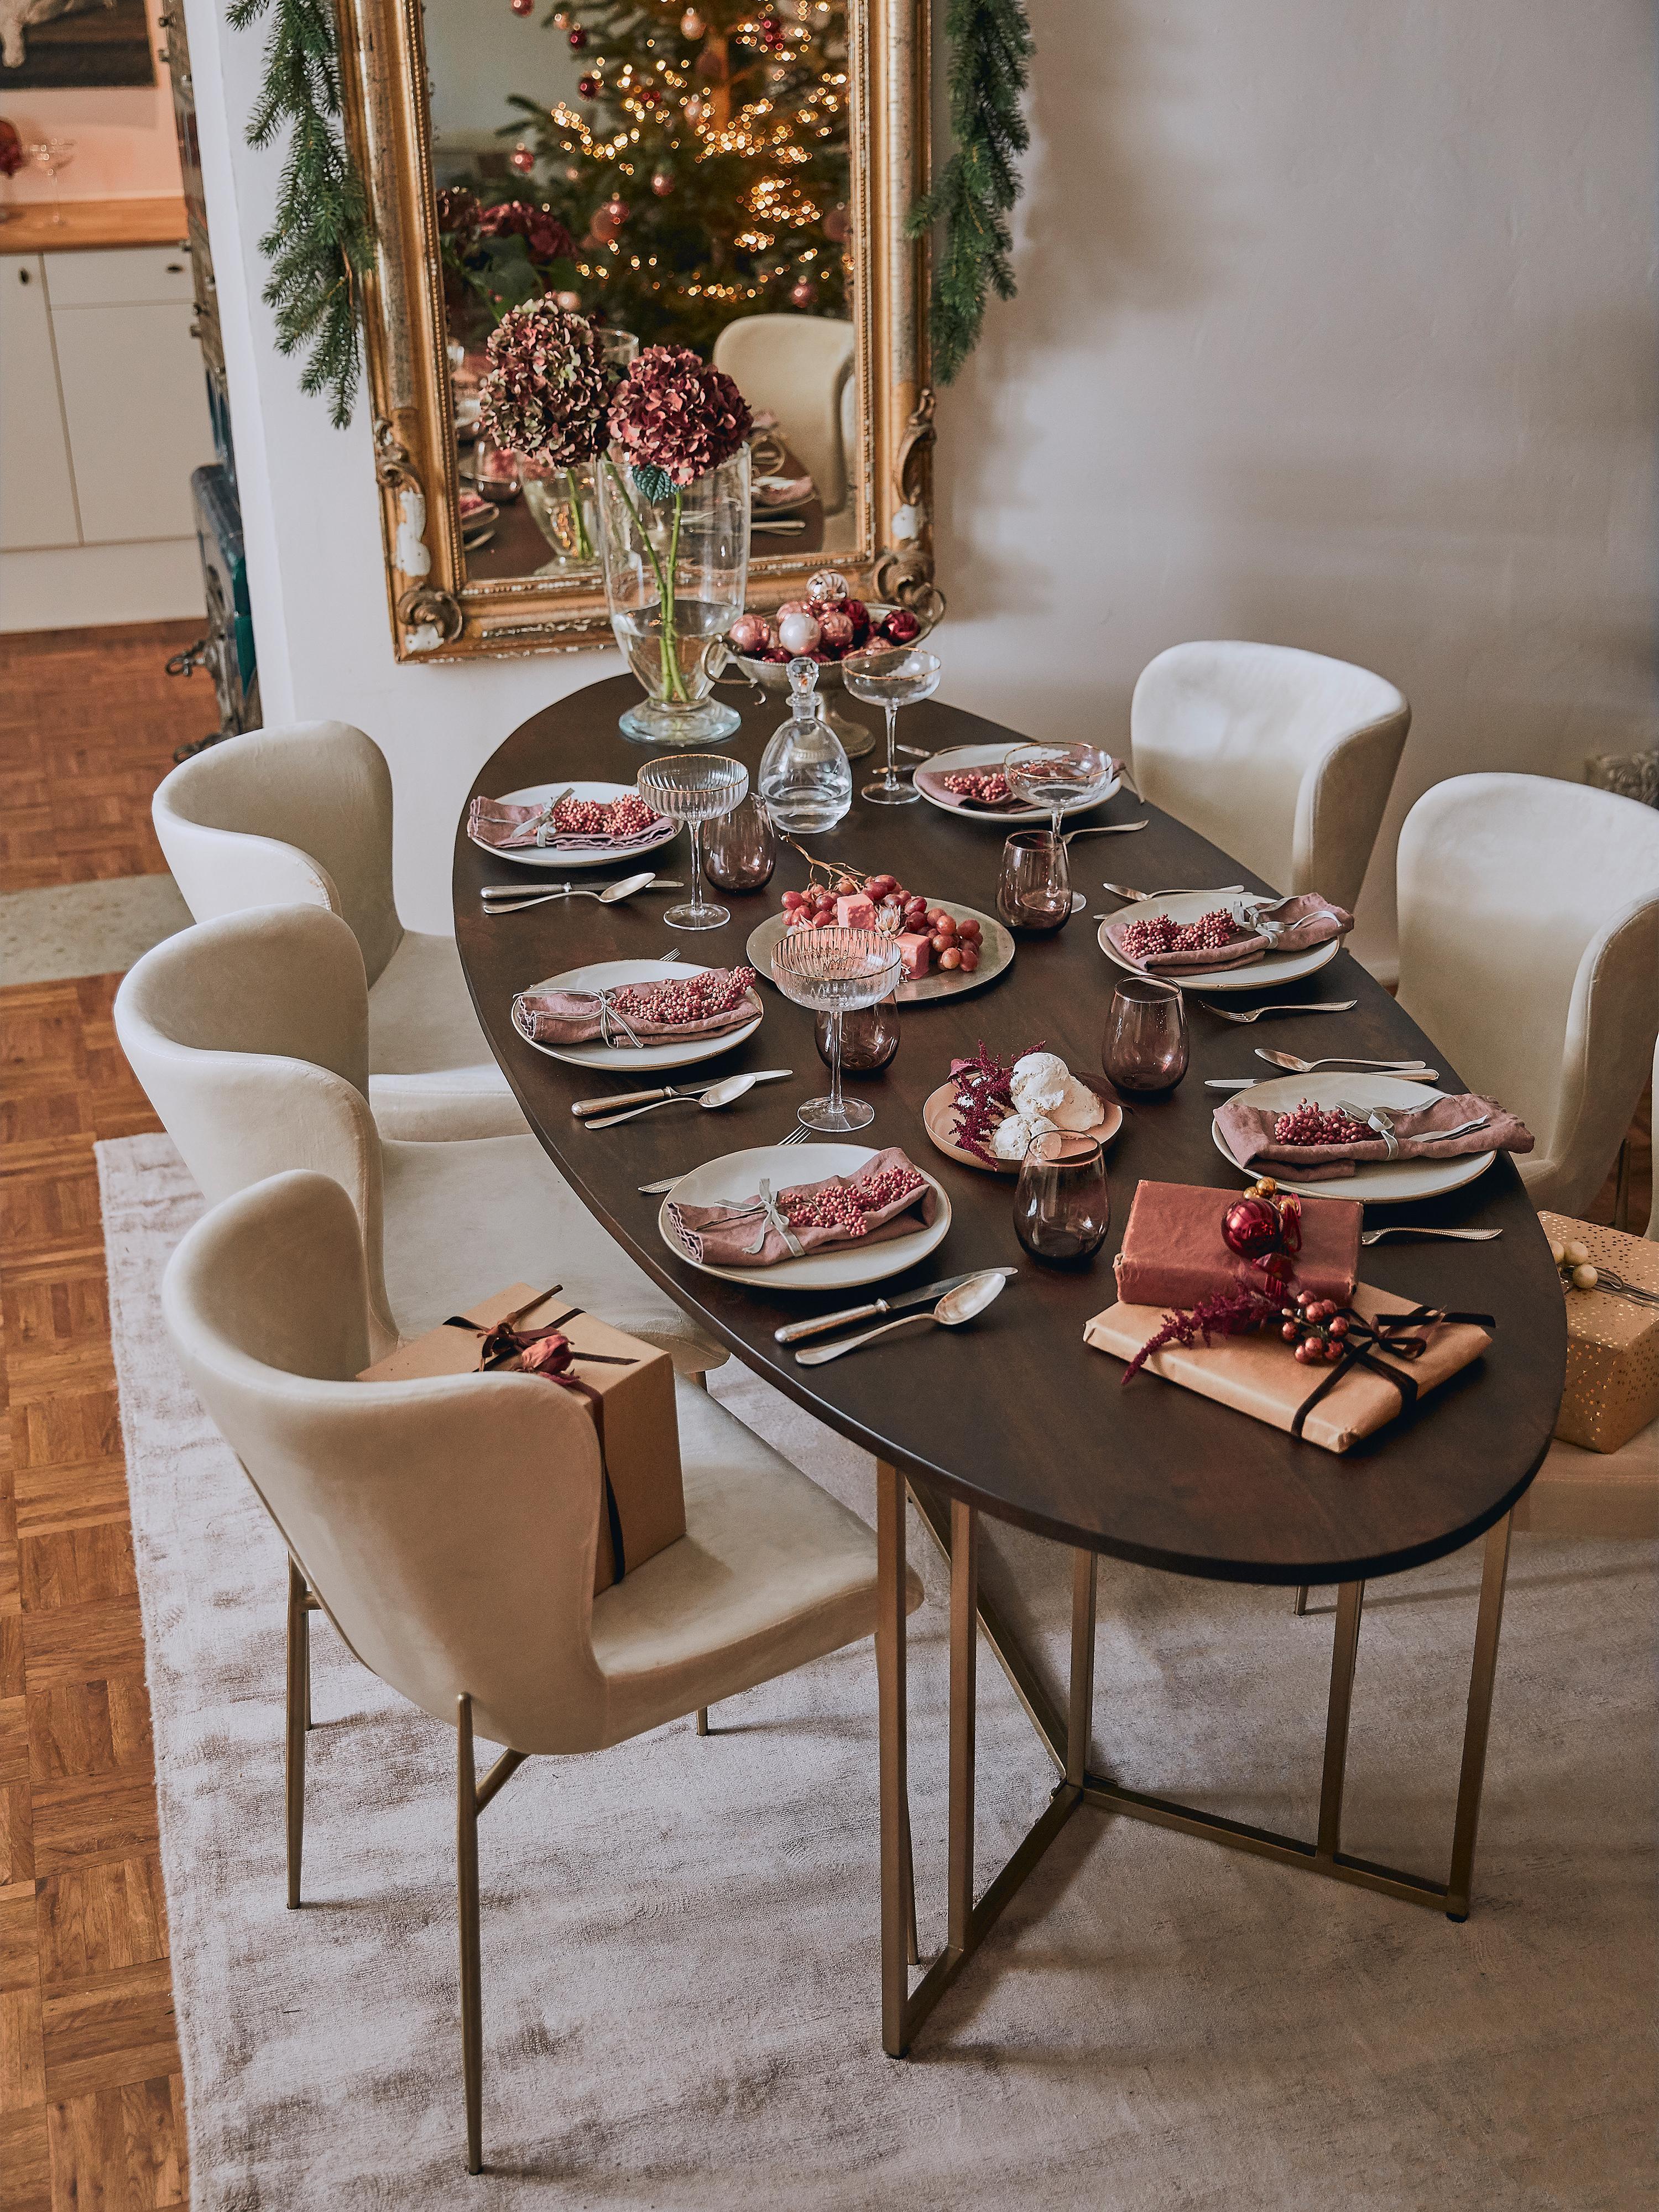 Ovaler Massivholz Esstisch Luca, Tischplatte: Massives Mangoholz, Gestell: Metall, beschichtet, Tischplatte: Mangoholz, dunkel lackiertGestell: Goldfarben, B 240 x T 100 cm